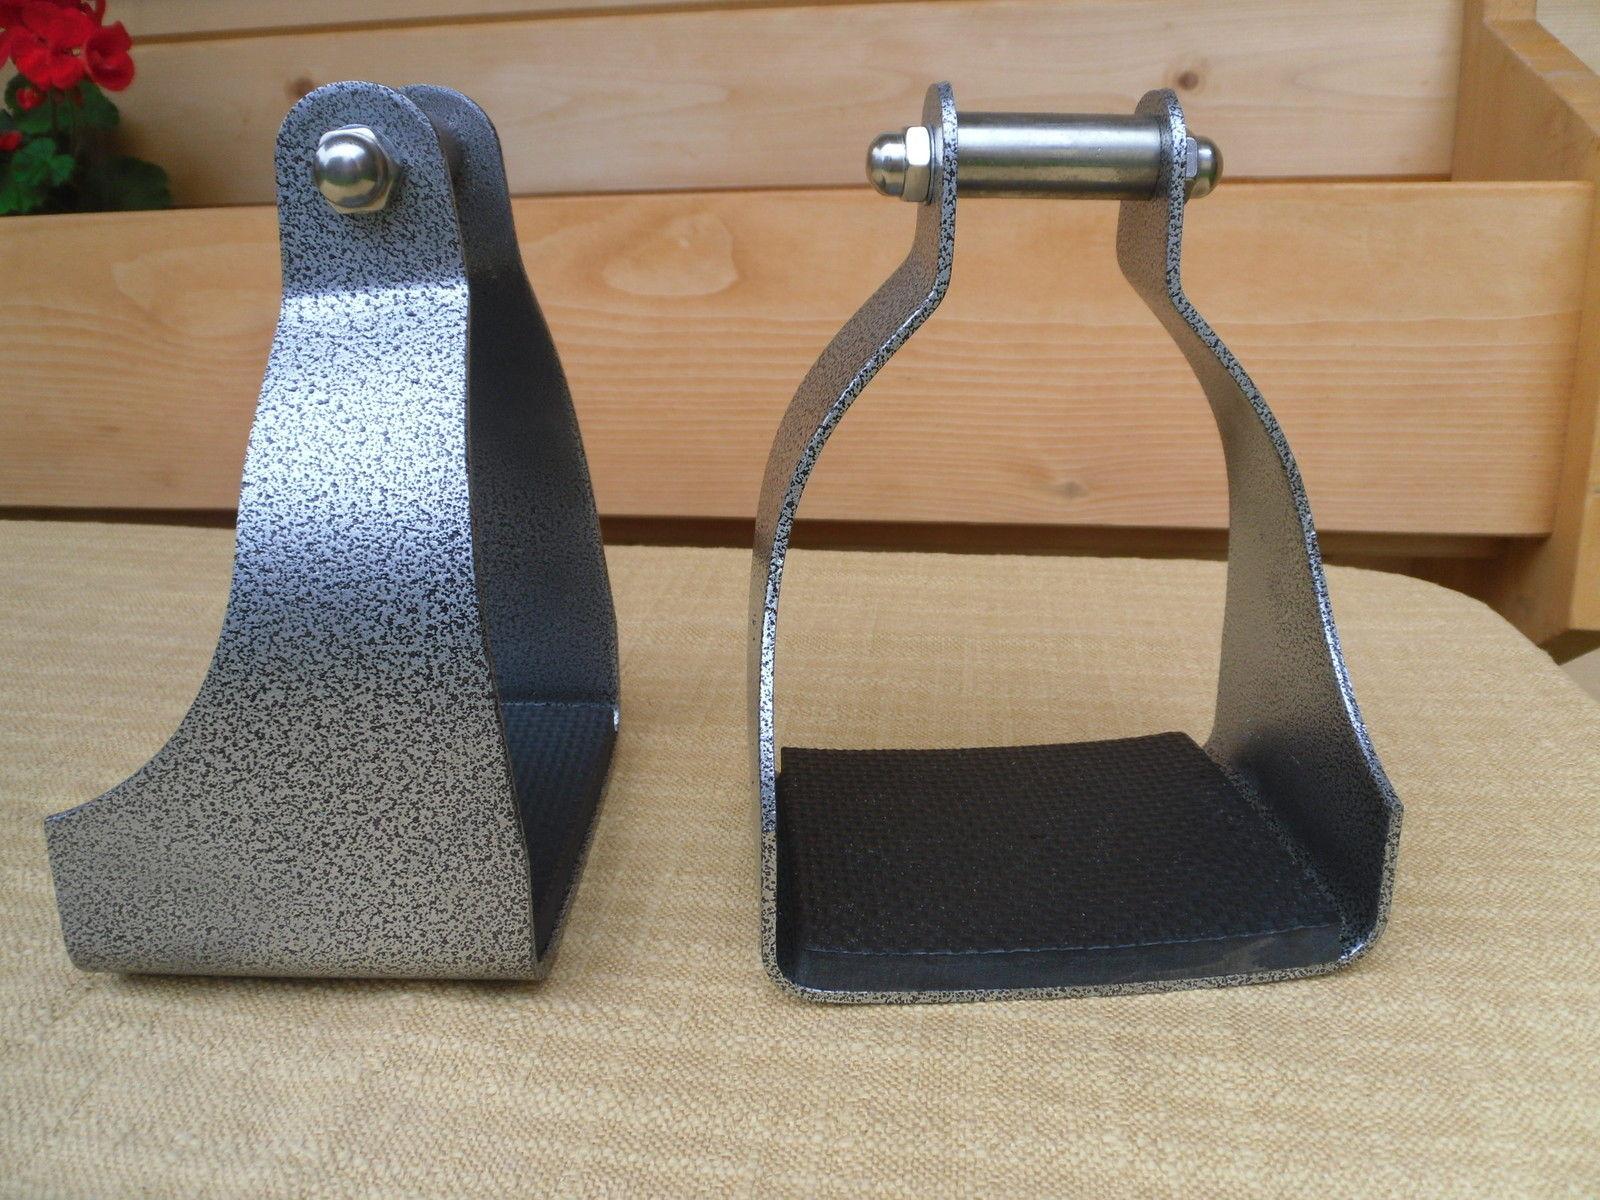 distanzsteigb gel steigb gel ohne korb verschiedene farben ebay. Black Bedroom Furniture Sets. Home Design Ideas